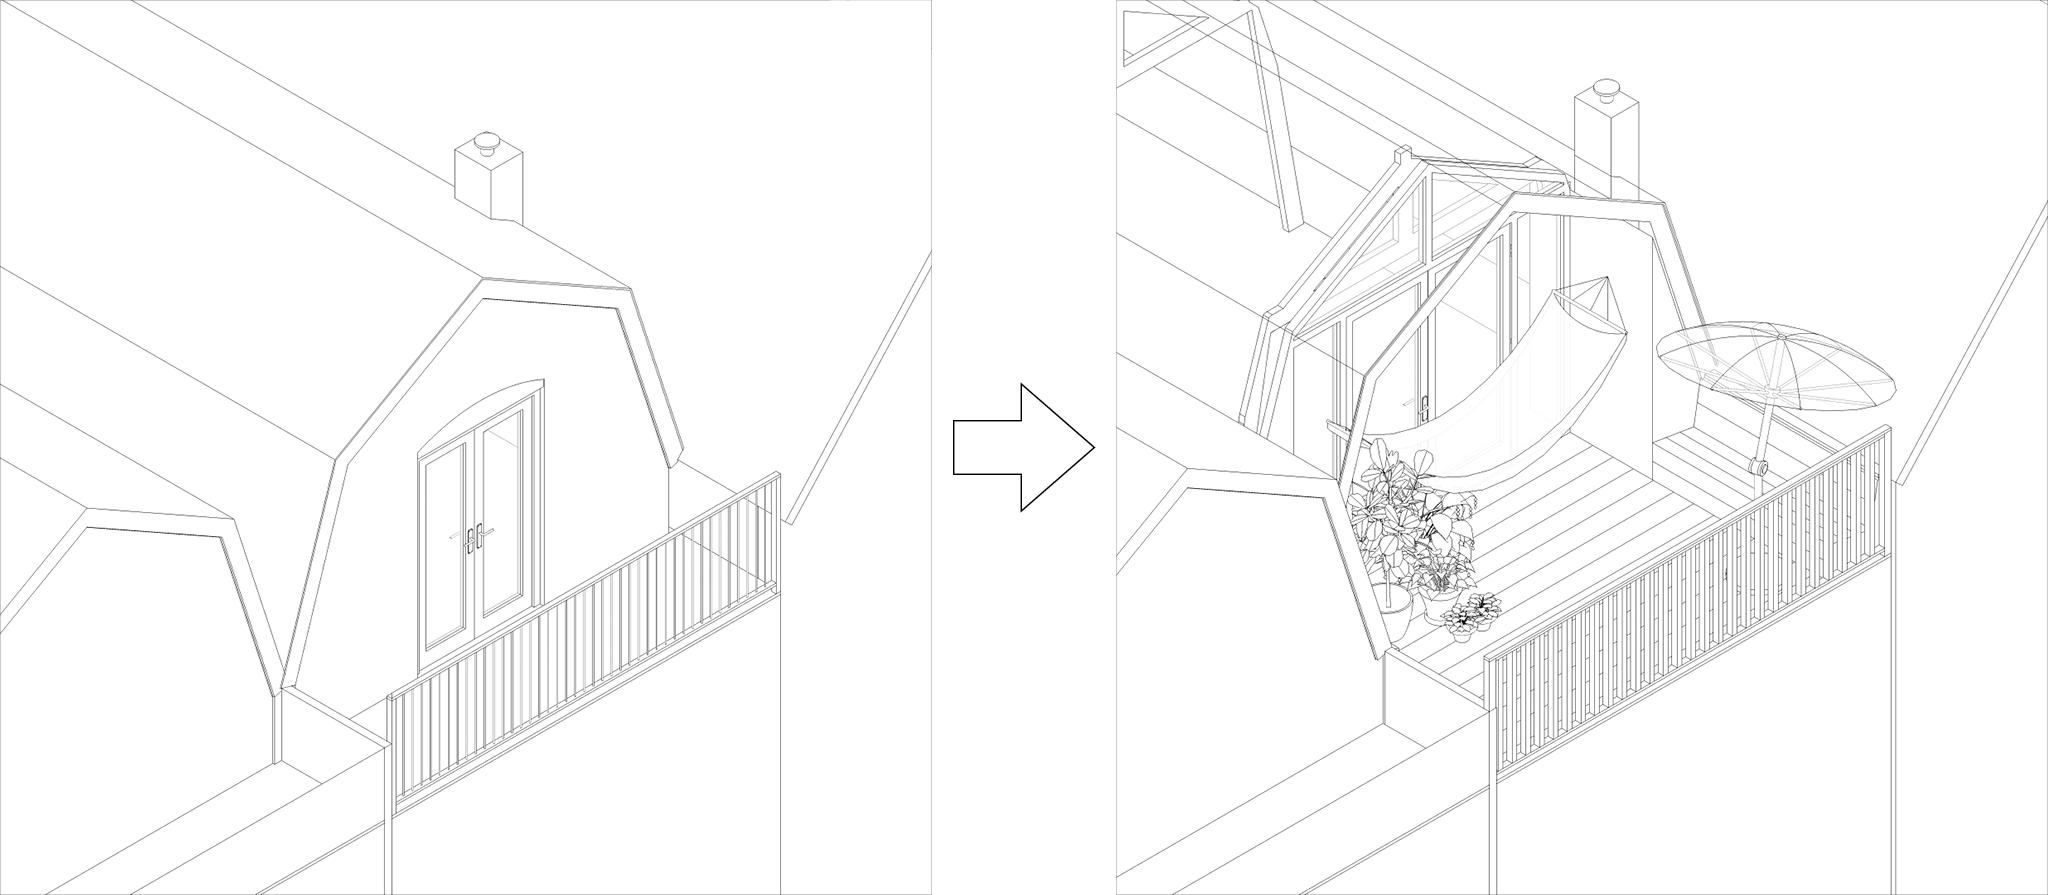 De Ontwerpwerkplaats, Gijs Niemeijer, Floor van Ditzhuyzen, Roof with a View, dakterras rotterdam, verbouwing zolder, verbouwing woonhuis, ontwerp dakterras, aanleg dakterras , dakterras, verbouwing dakterras, verbouwing Rotterdam, transformation attic, roofterrace rotterdam, design roofterrace, ontwerp dakterras, verbouwing woonhuis